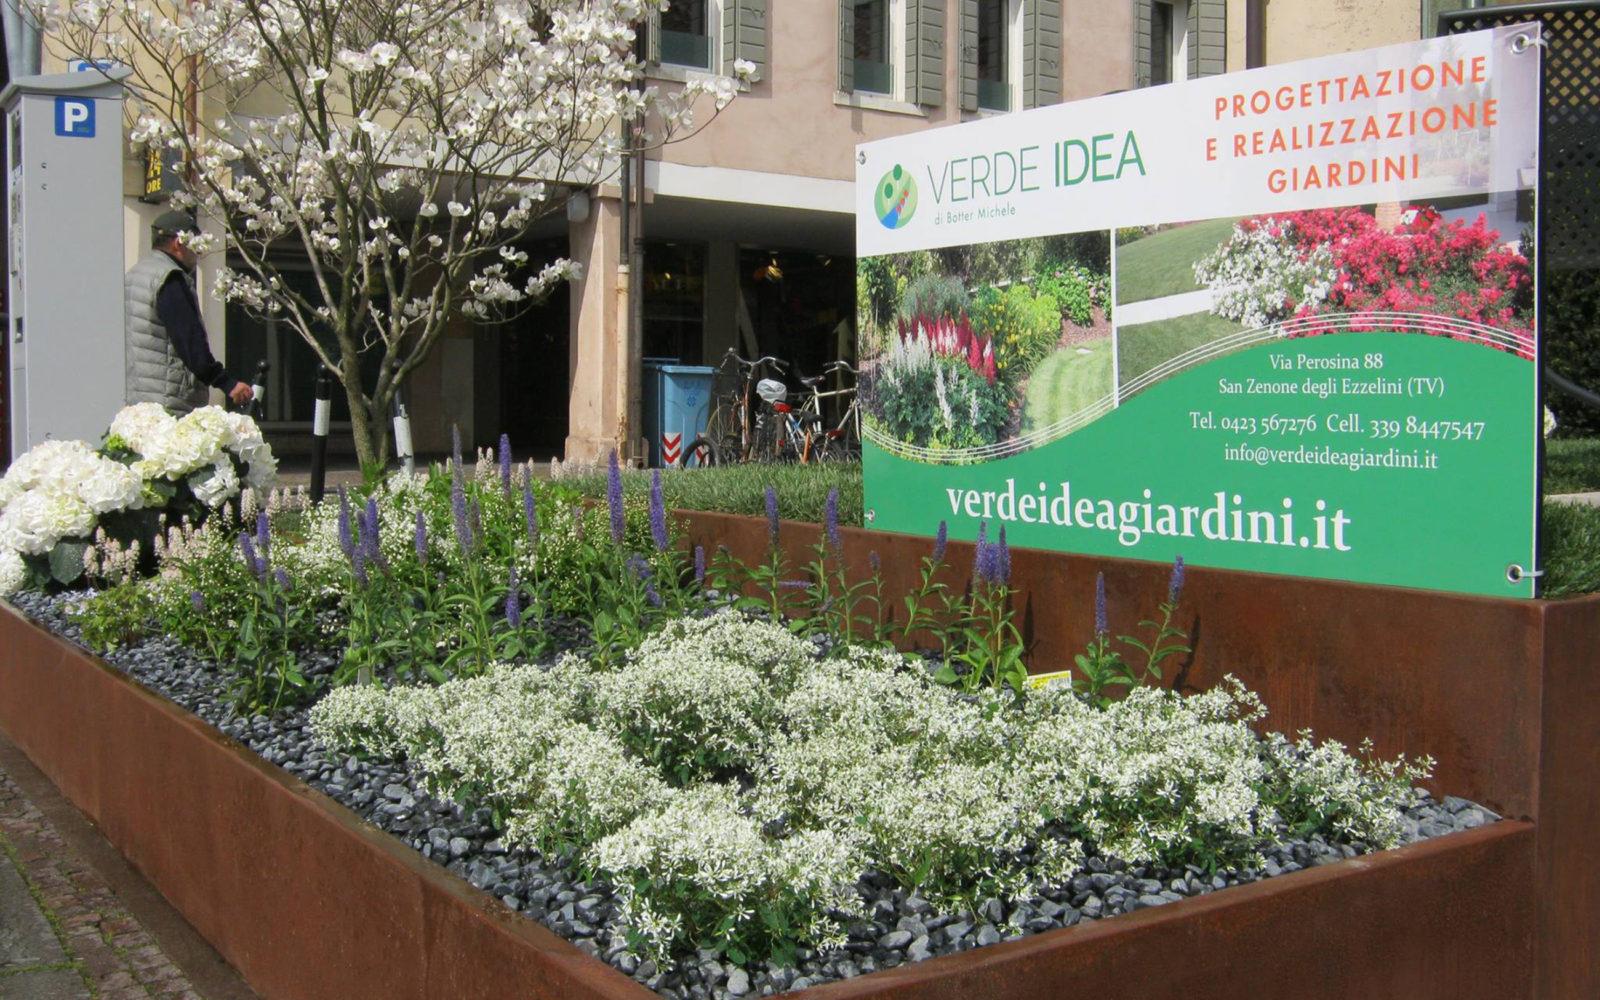 allestimento giardino Verde Idea a Castelfranco Veneto 2016 - 2